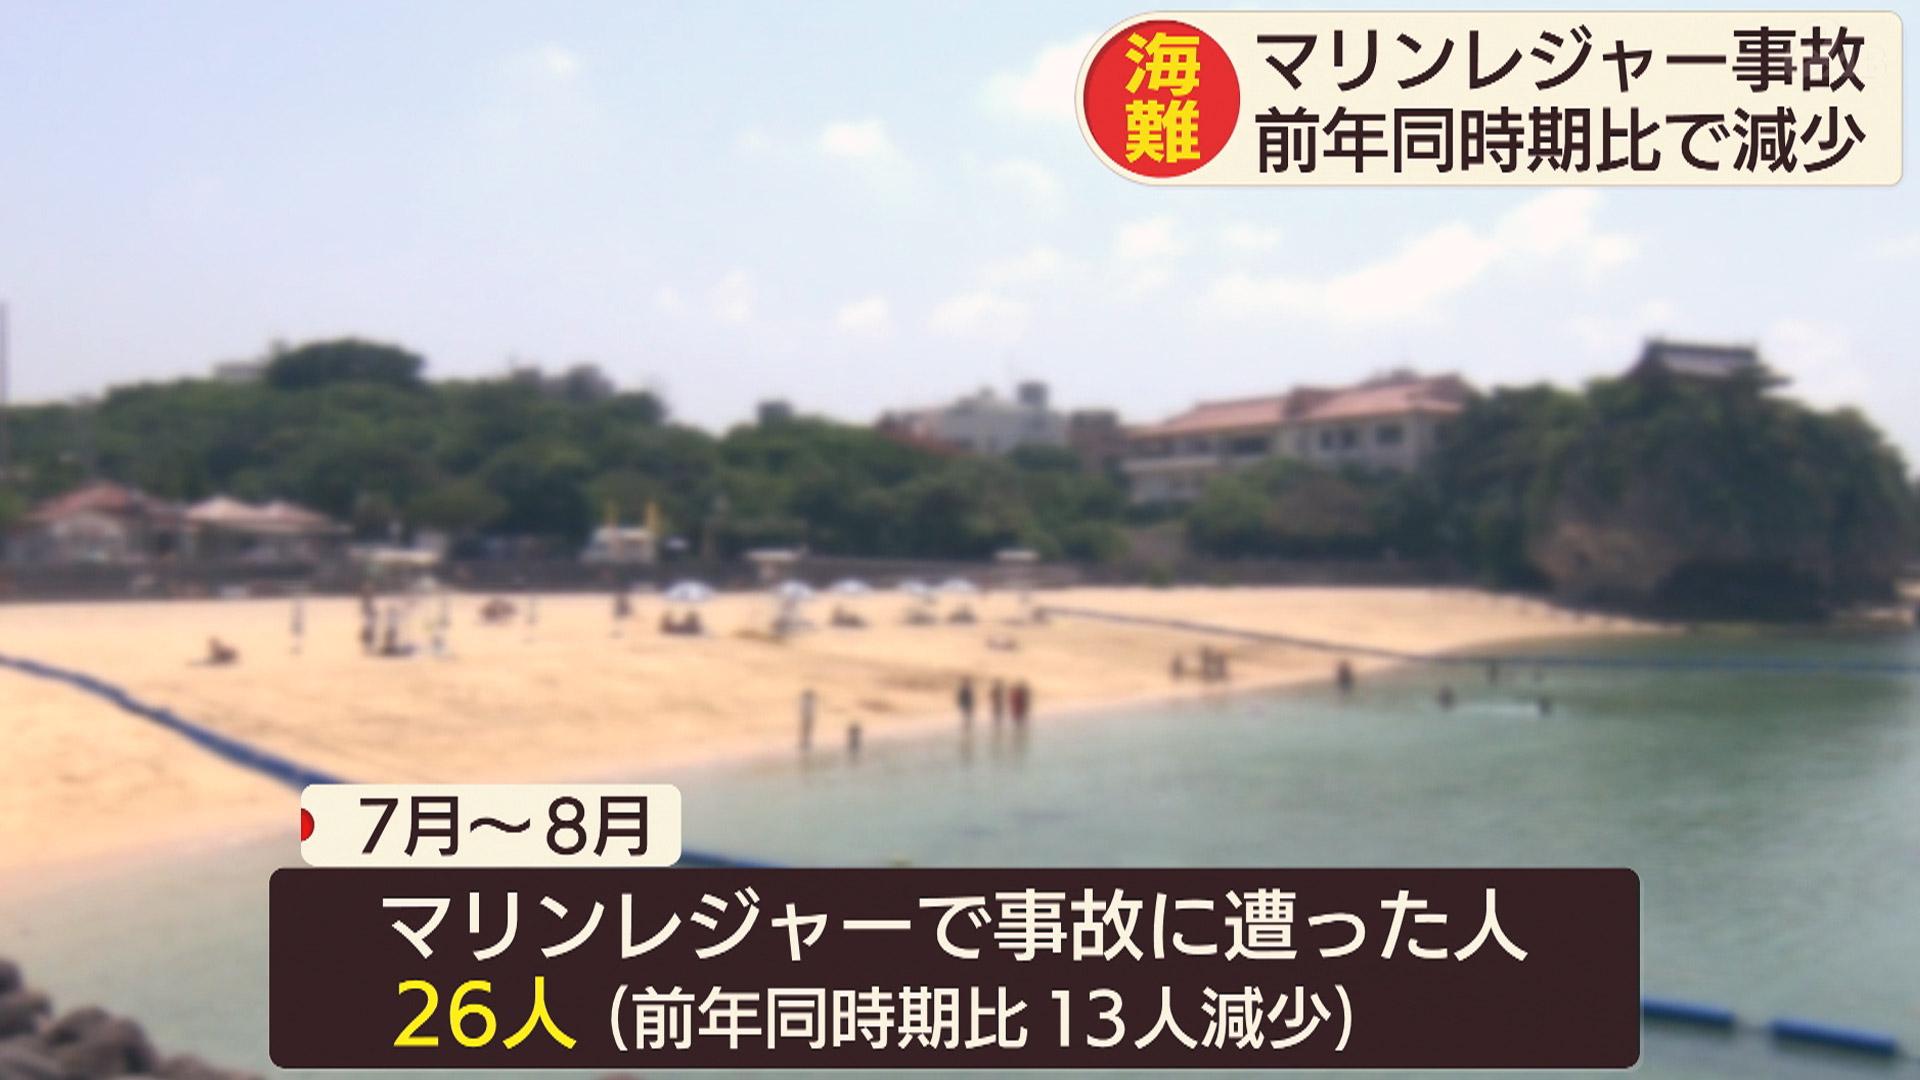 海の事故 前年同時期に比べ減少